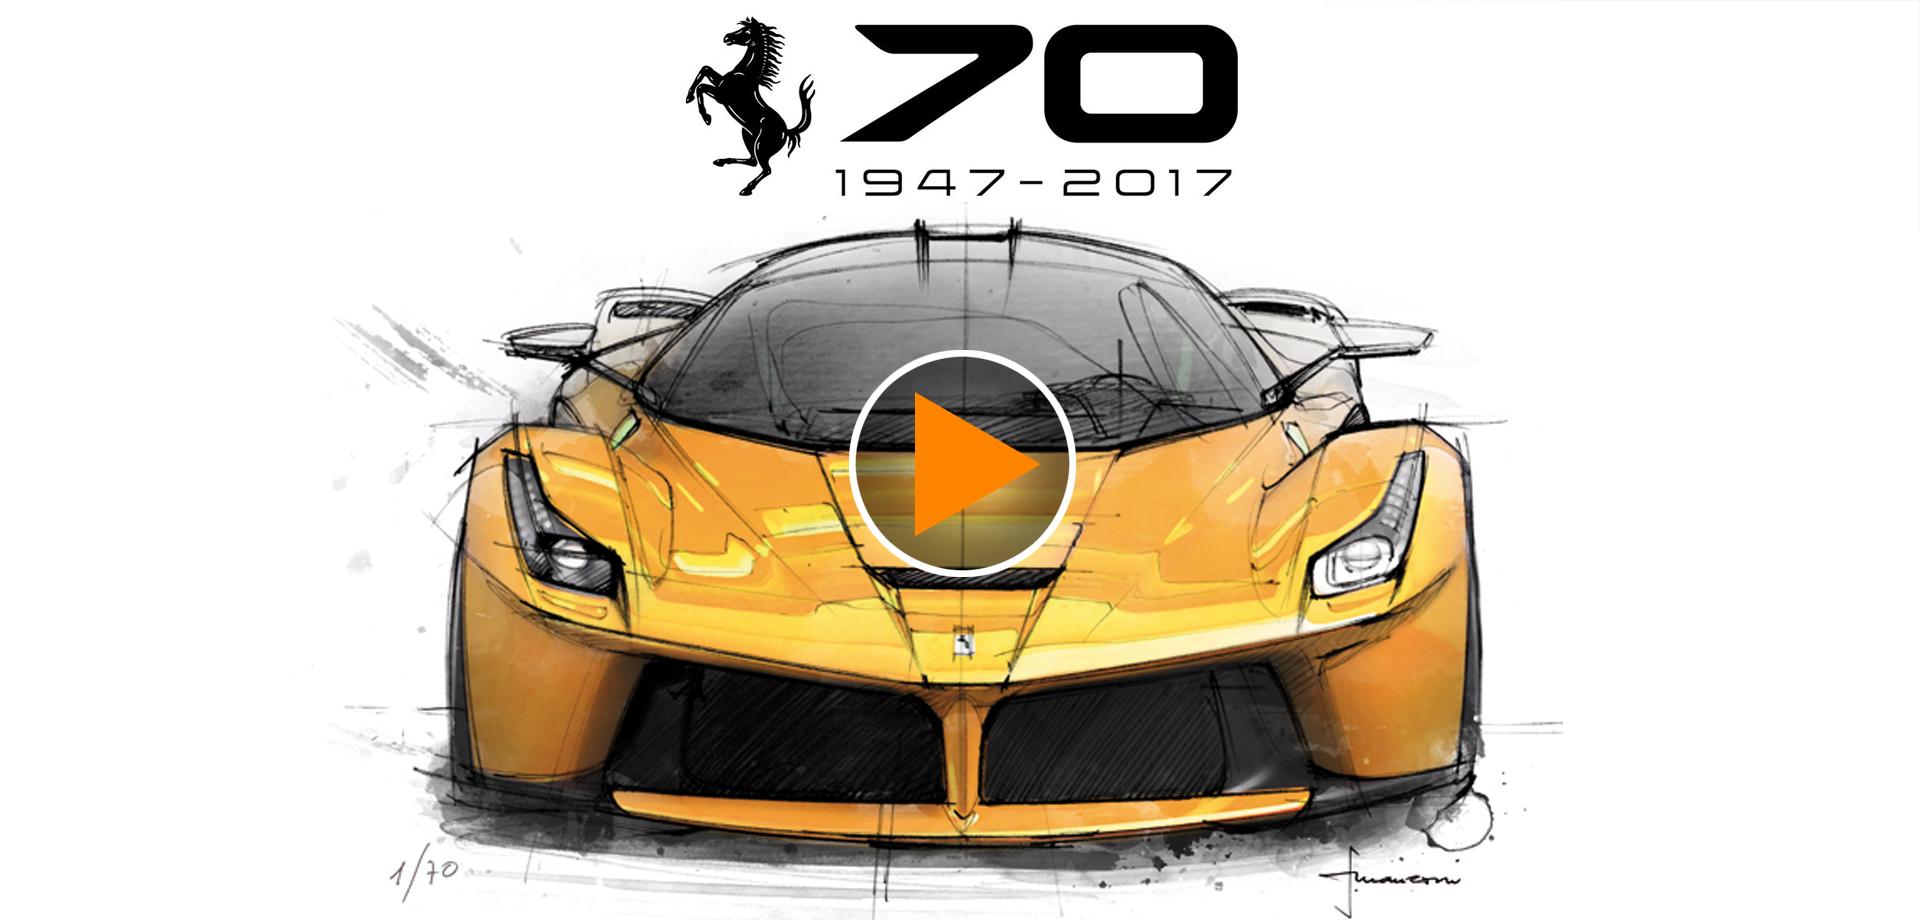 Ferrari 70 Anni – Intervista a Flavio Manzoni